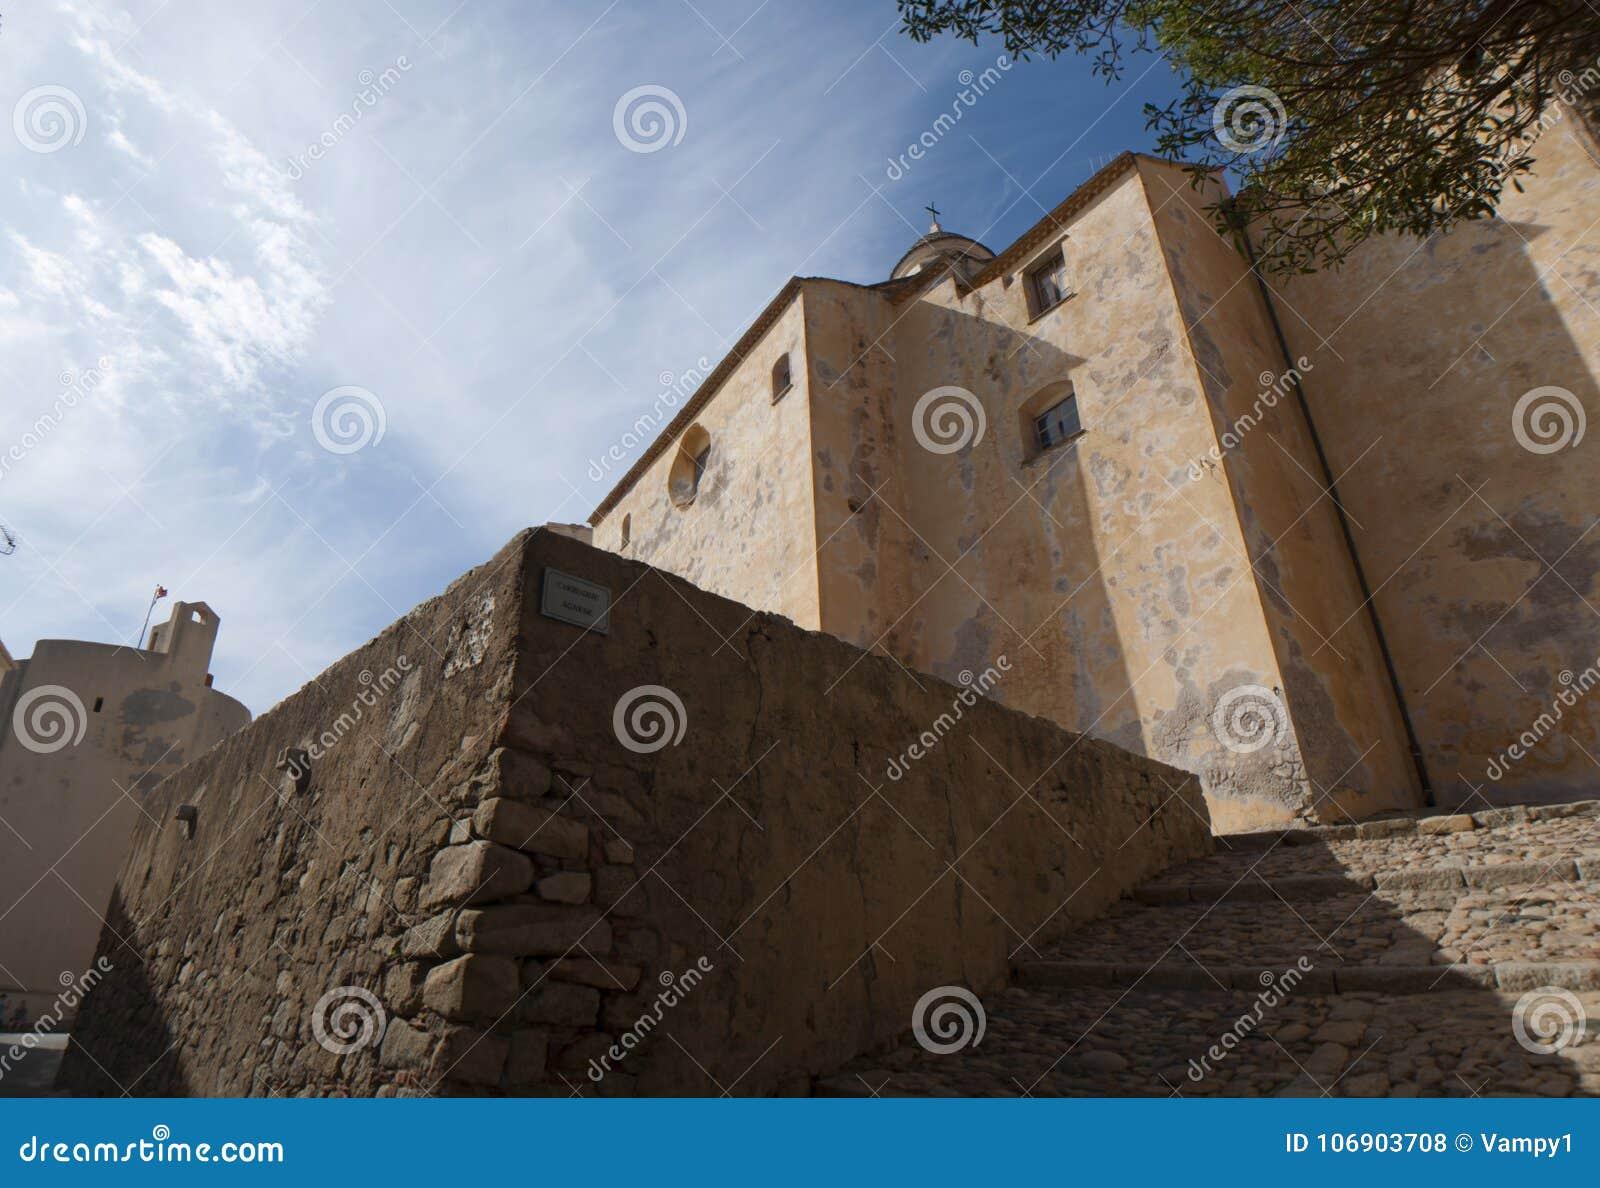 Calvi, cytadela, katedra, antyczne ściany, linia horyzontu, Corsica, Corse, Francja, Europa, wyspa